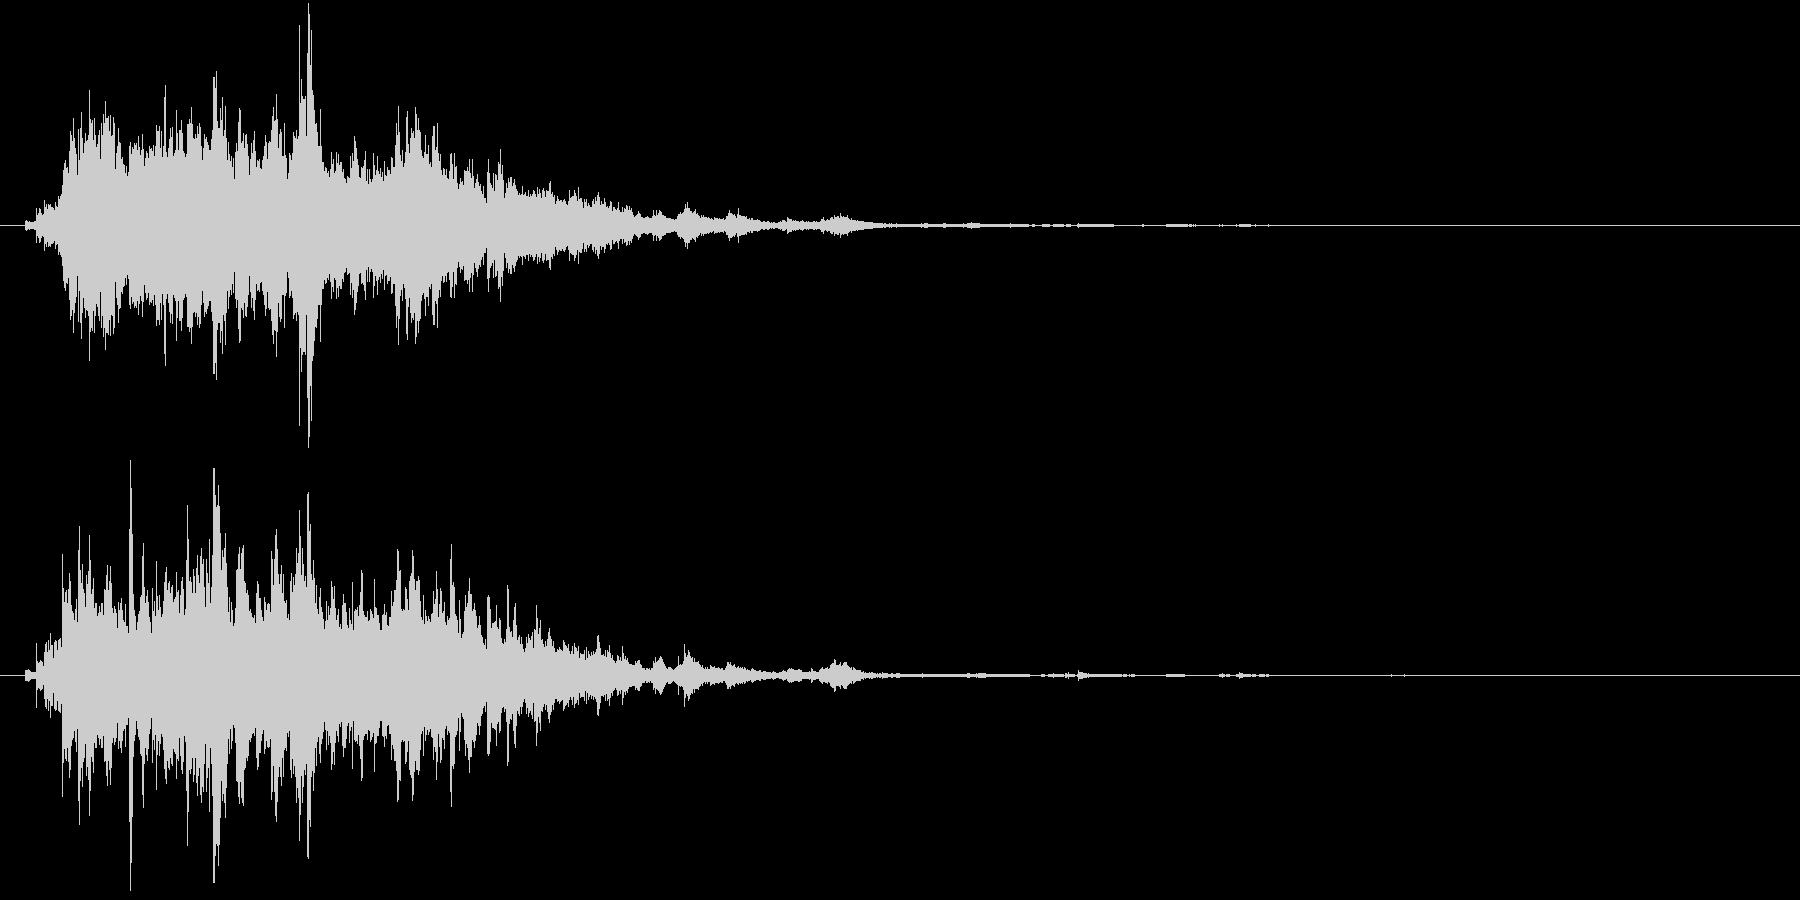 感動した時のキラキラ音の未再生の波形